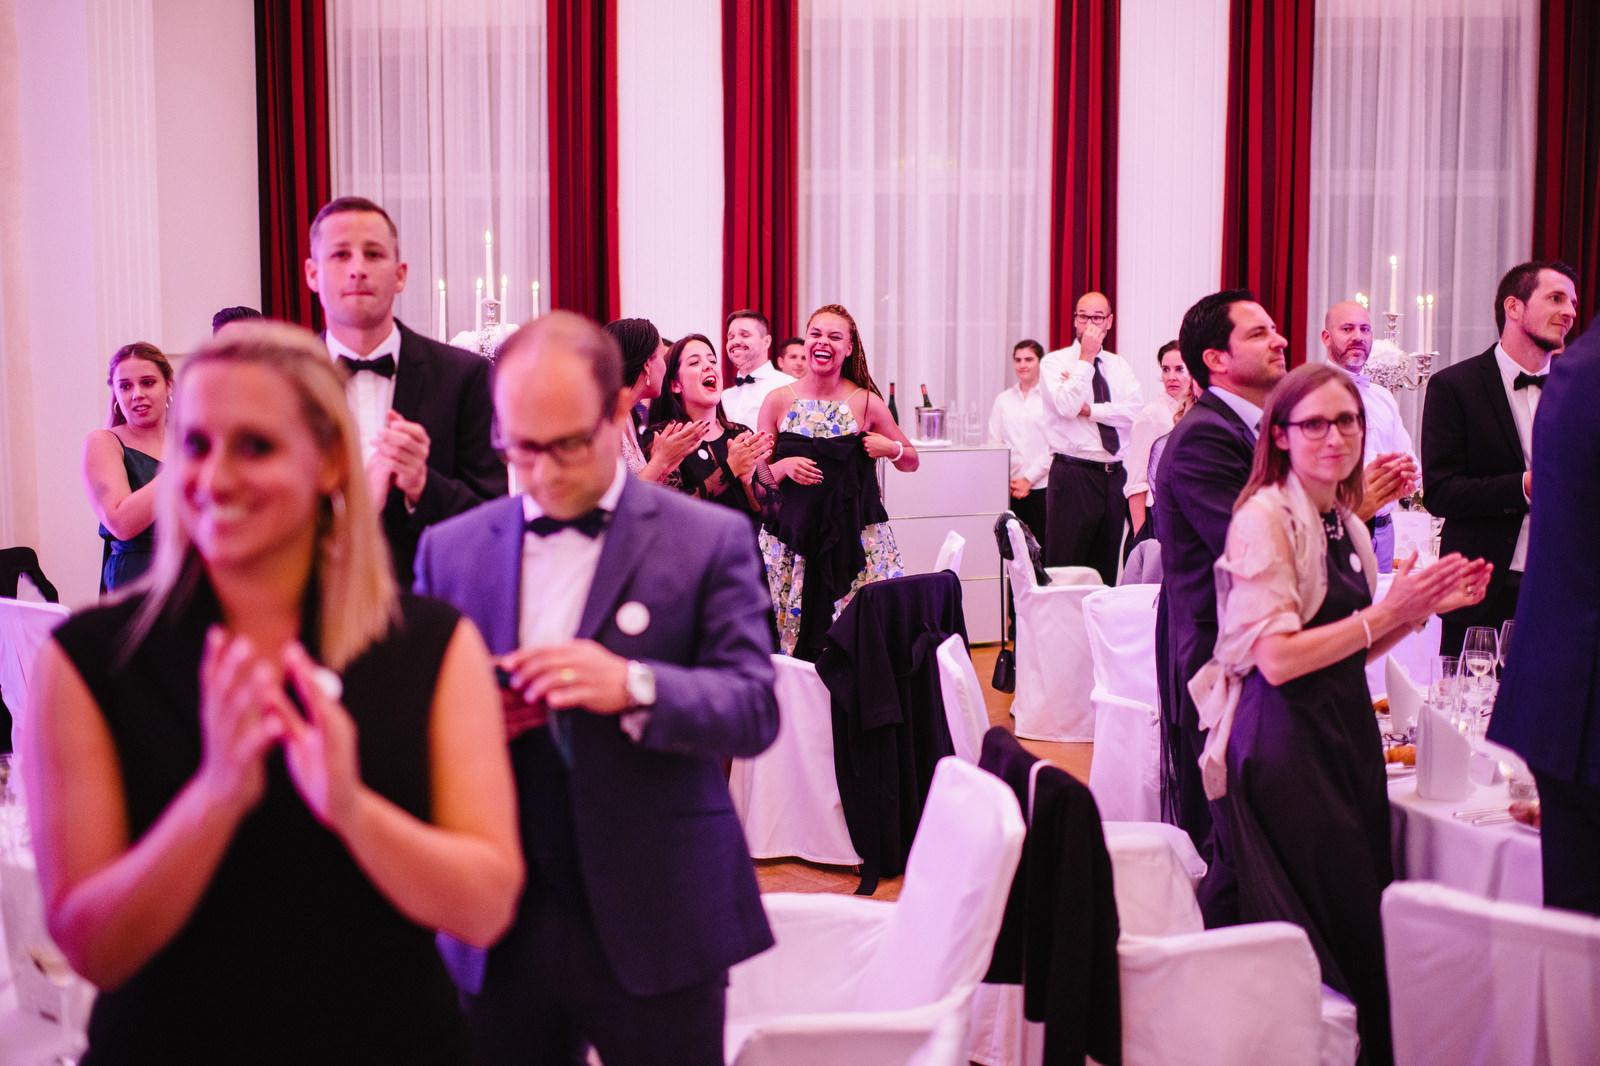 Fotograf Konstanz - Luxus Hochzeit Fotograf Grand Resort Bad Ragaz Schweiz Lichtenstein 166 - Destination wedding at the Grand Resort Bad Ragaz, Swiss  - 198 -